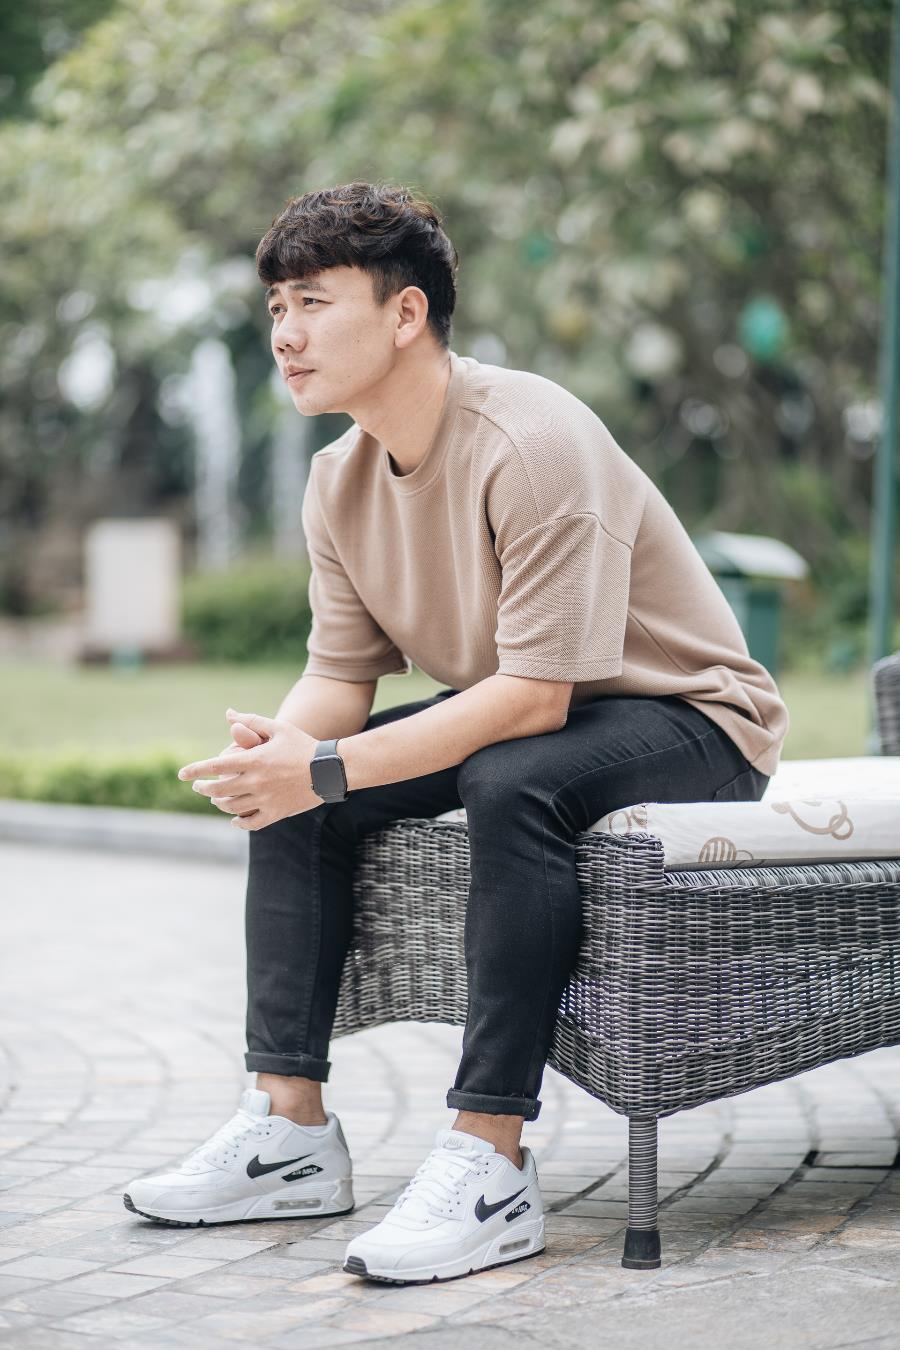 """Cầu thủ Minh Vương và hành trình ước mơ với trái bóng tròn: """"Chưa bao giờ tôi hối hận vì đã chọn đá bóng!"""" - Ảnh 2."""